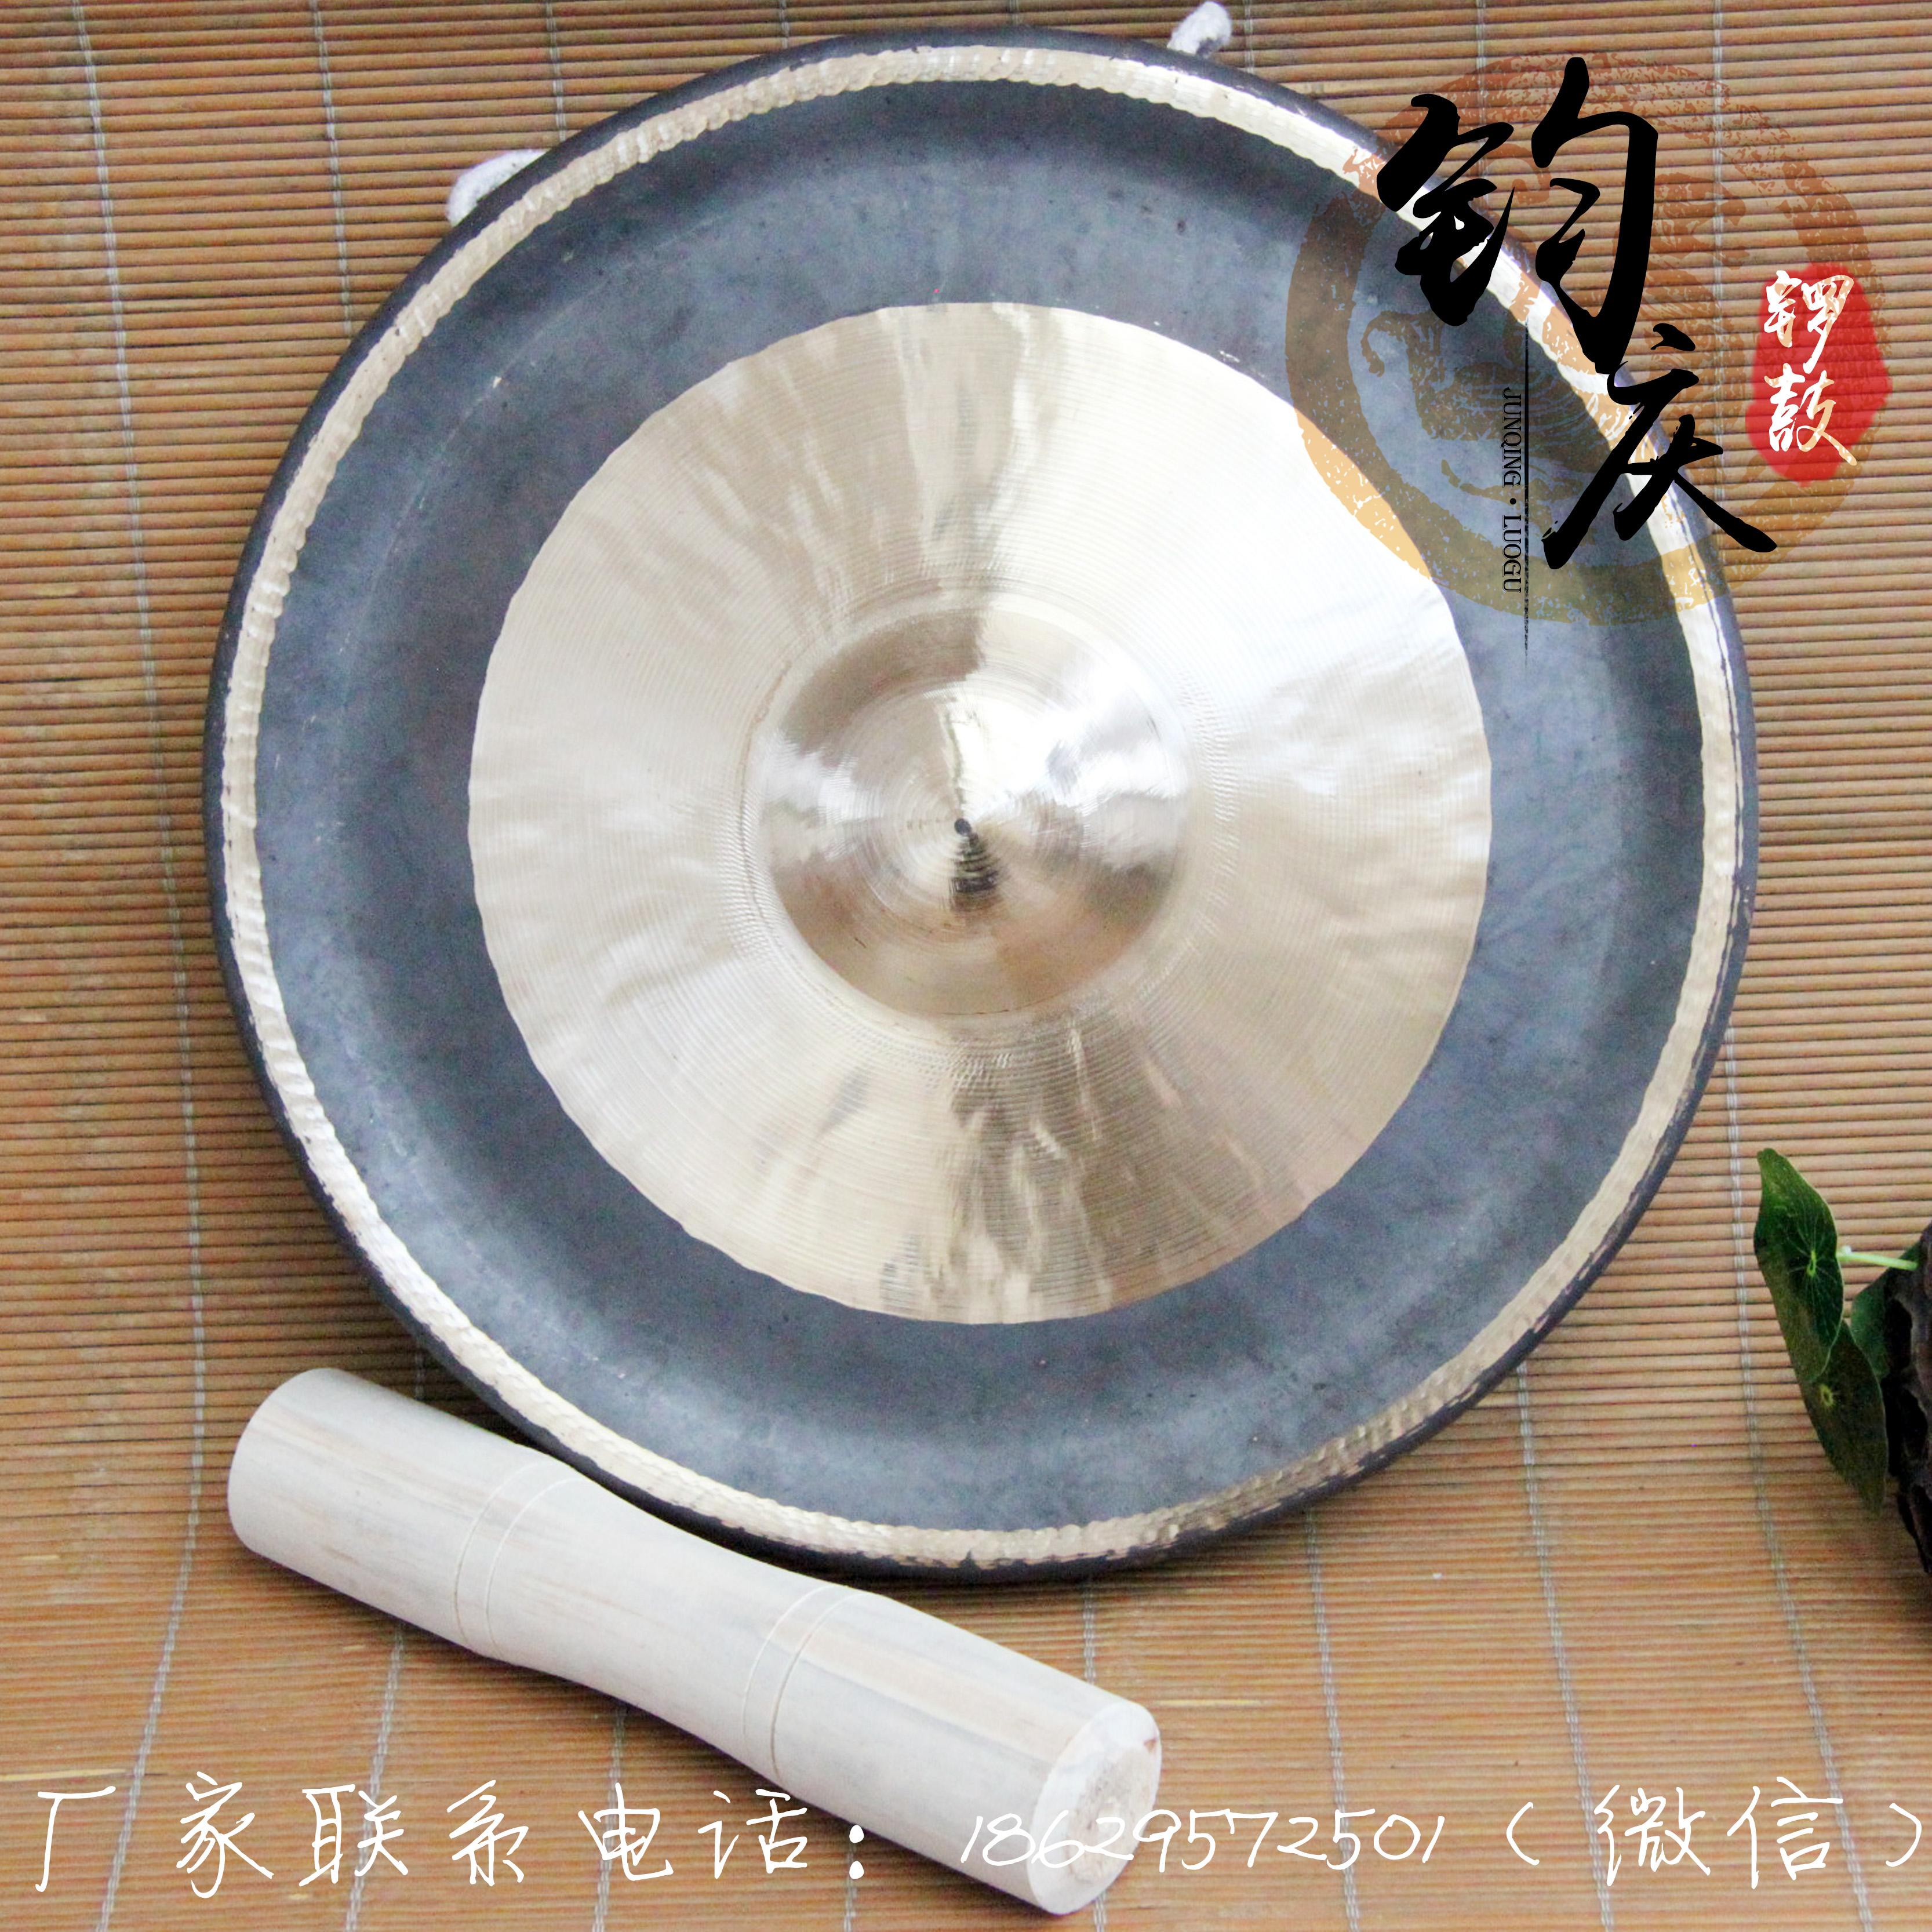 [钧庆] пакет [锣 20-35铓锣 疙瘩锣 青铜锣 响铜锣 法器 民乐] для бесплатная доставка по китаю